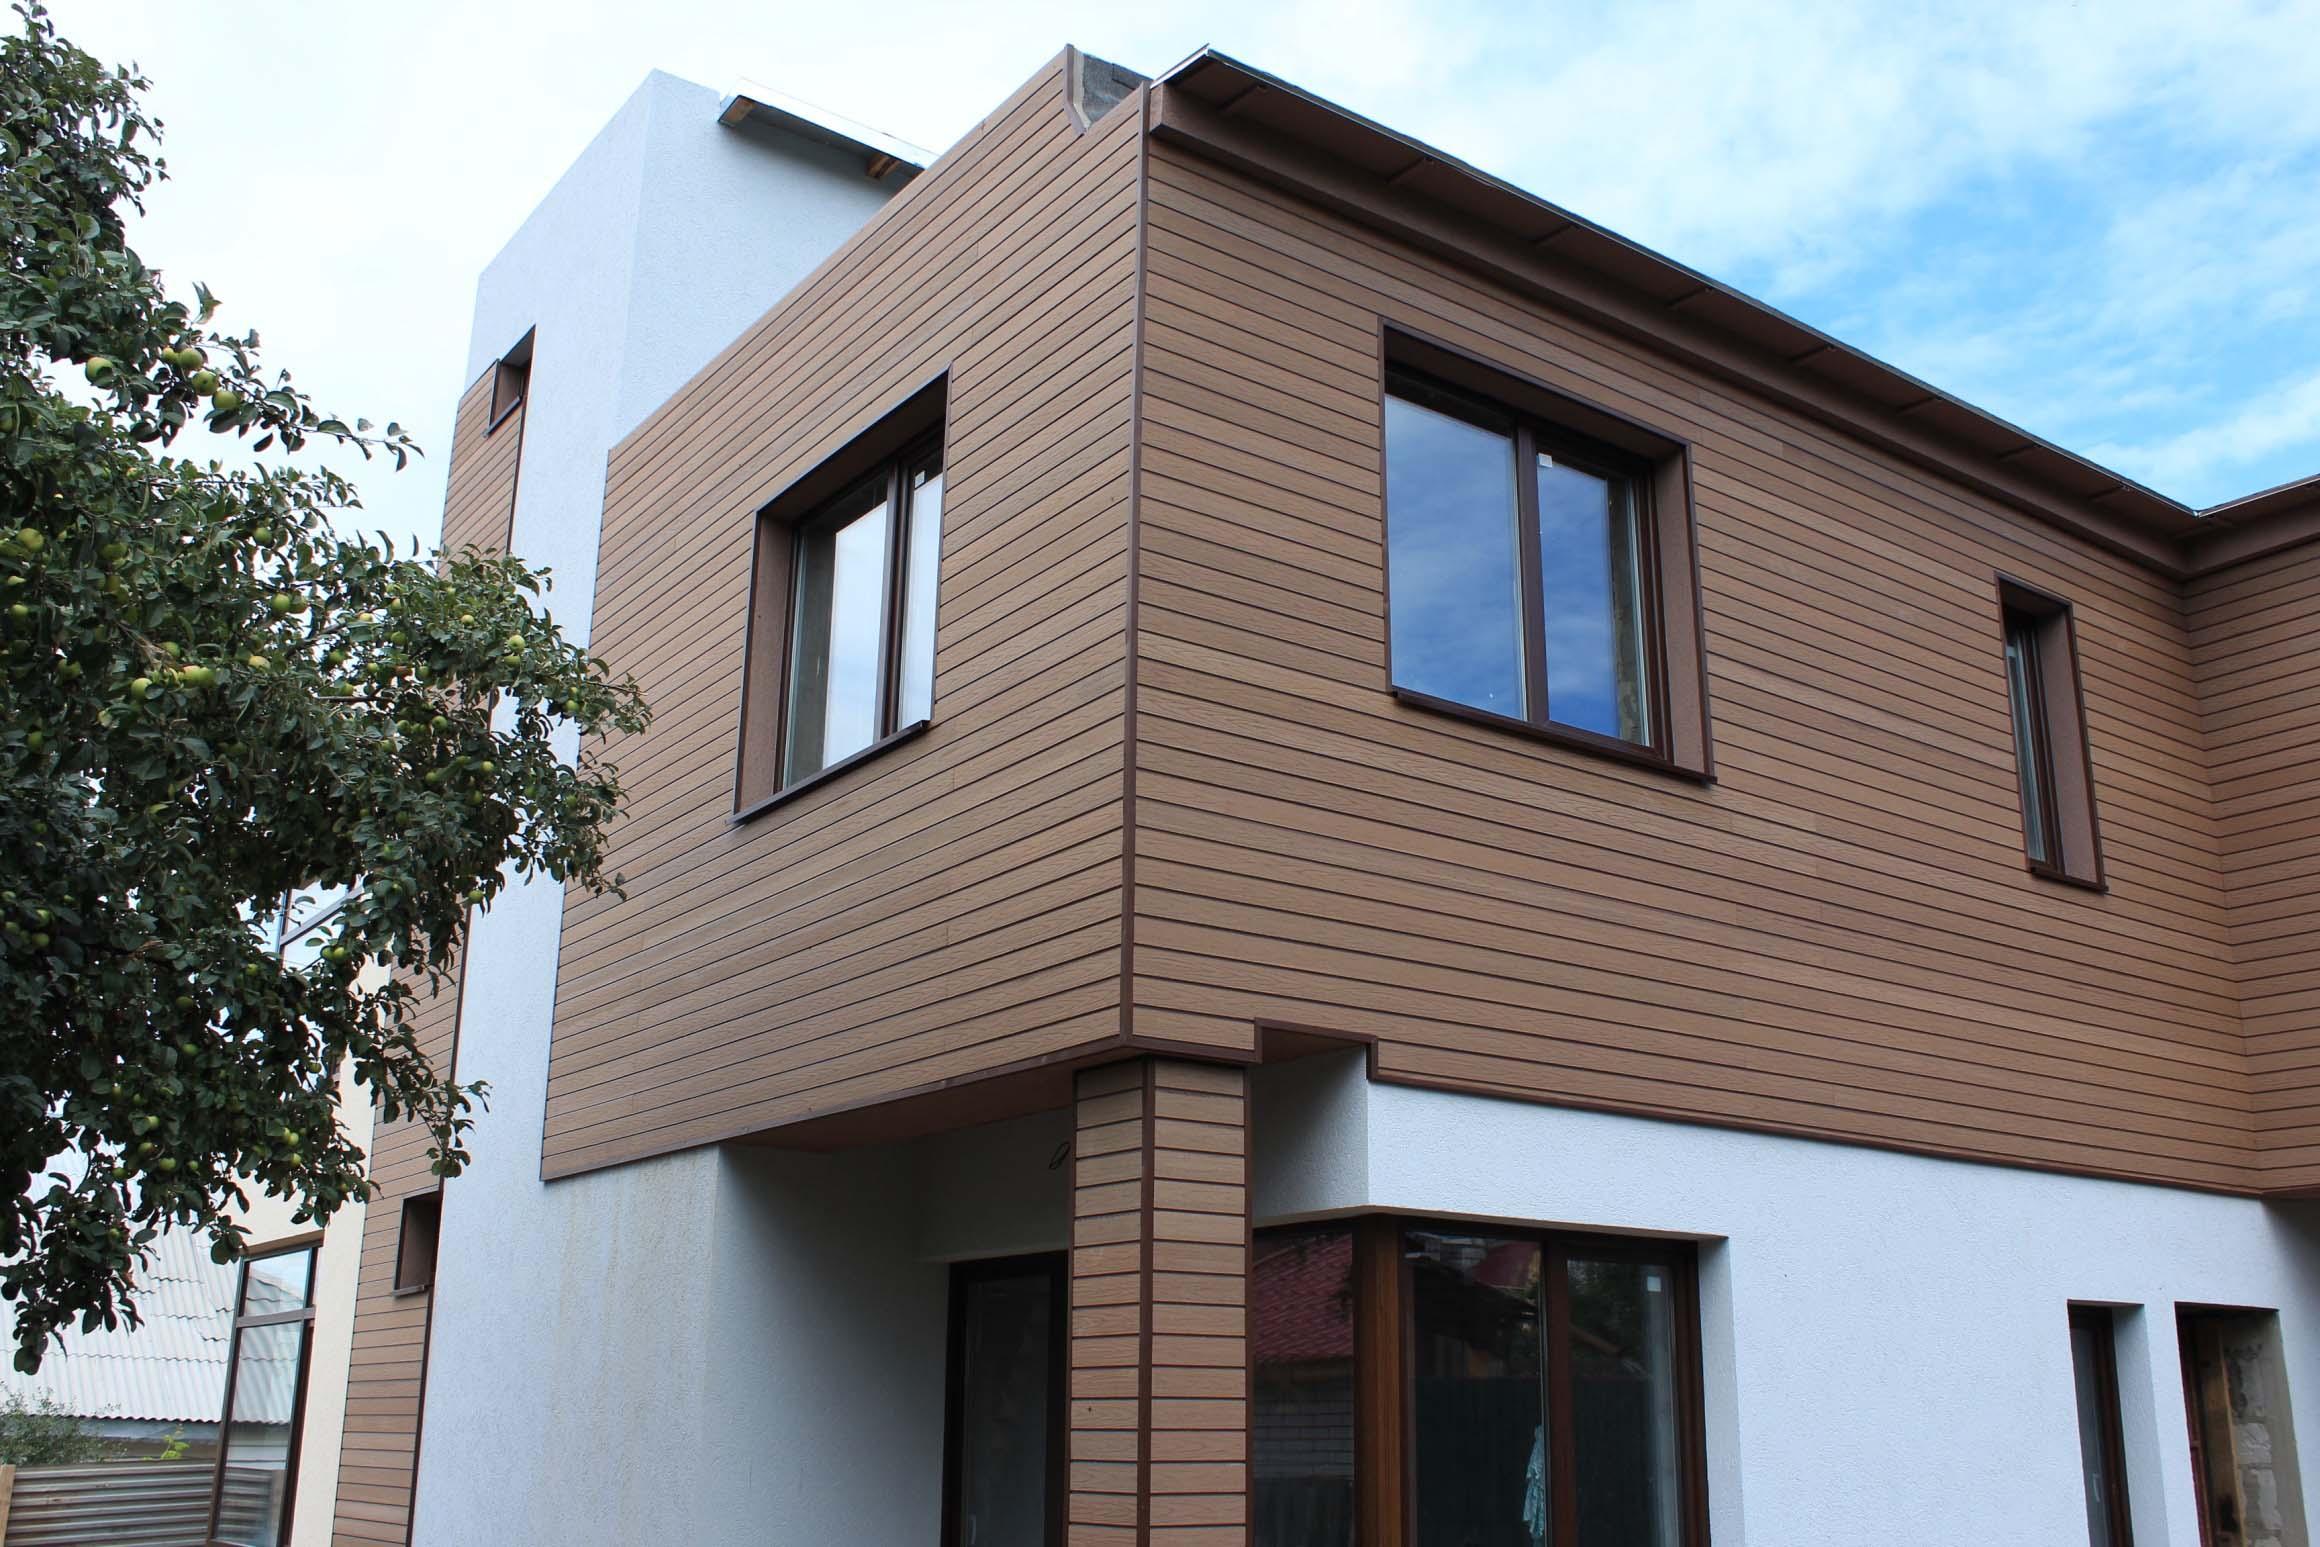 Фасадная доска (34 фото): окрашенная термодоска из дпк для фасада и планкинг для наружной отделки